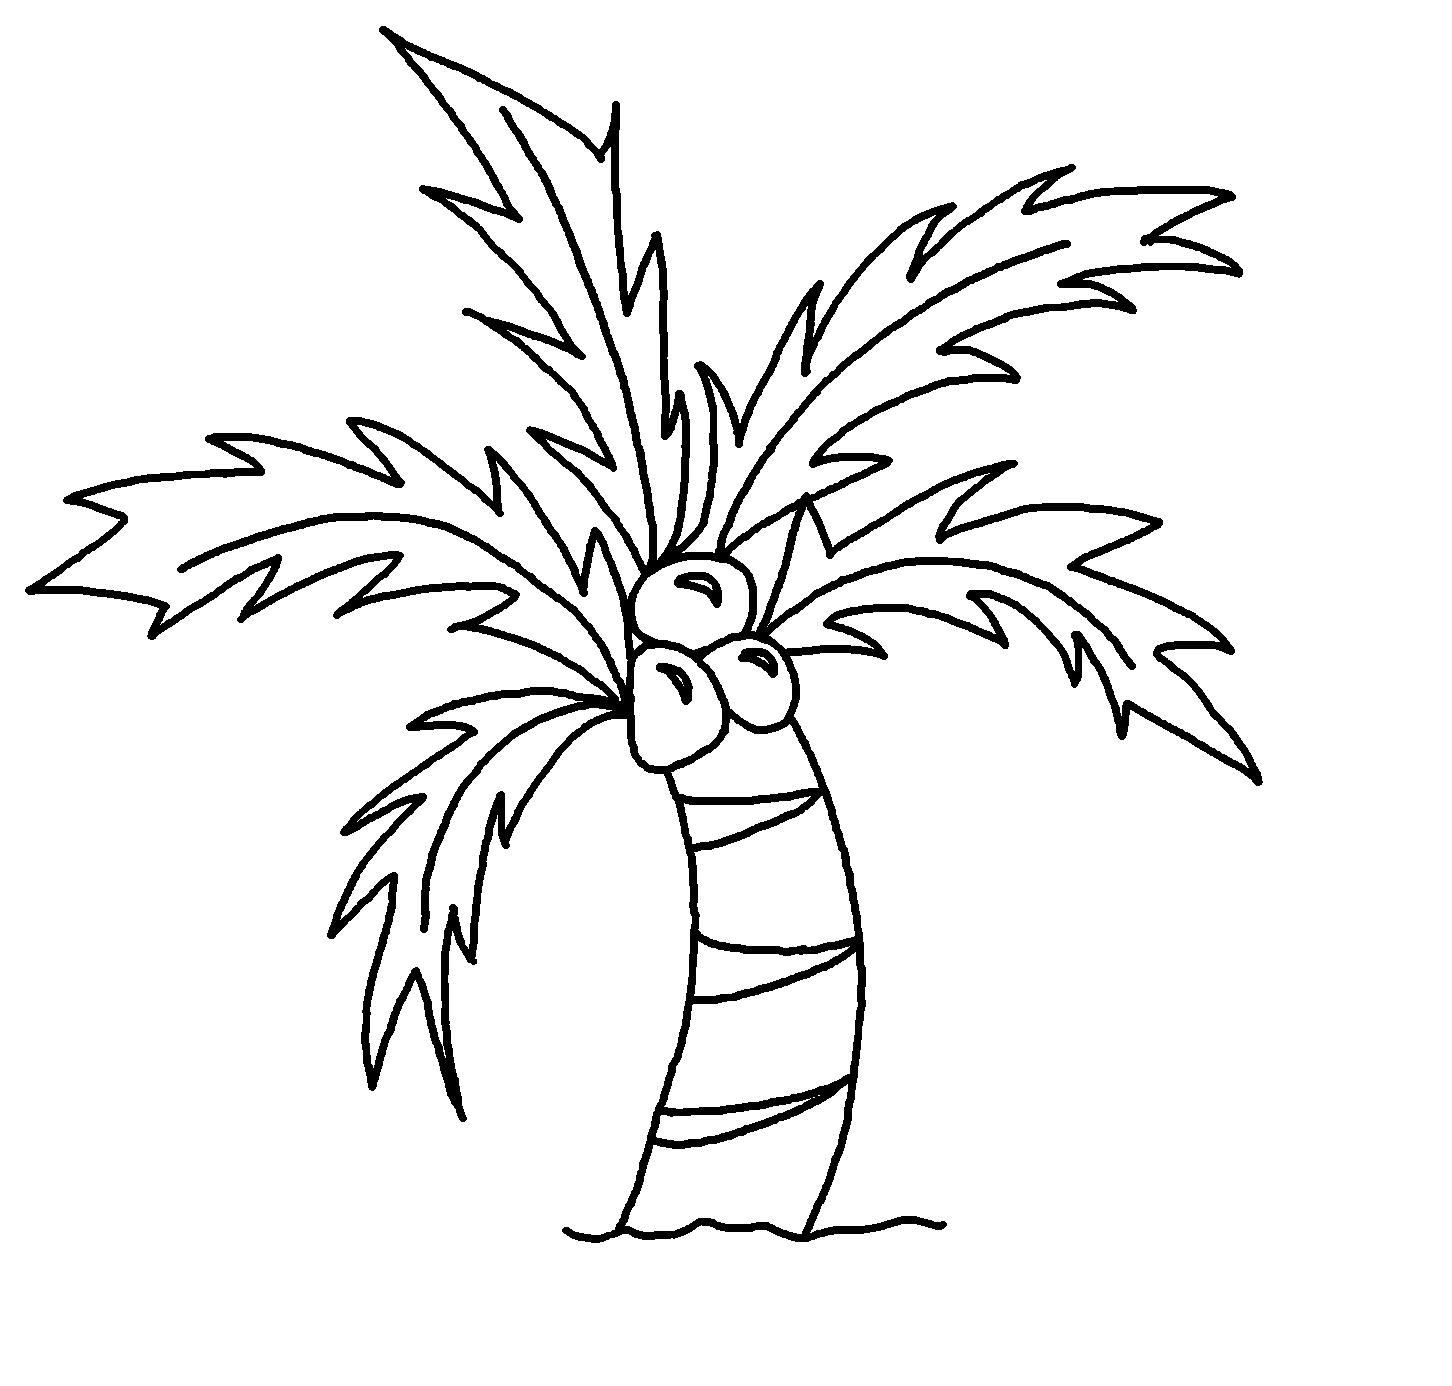 Hình cây dừa đơn giản cho bé tô màu